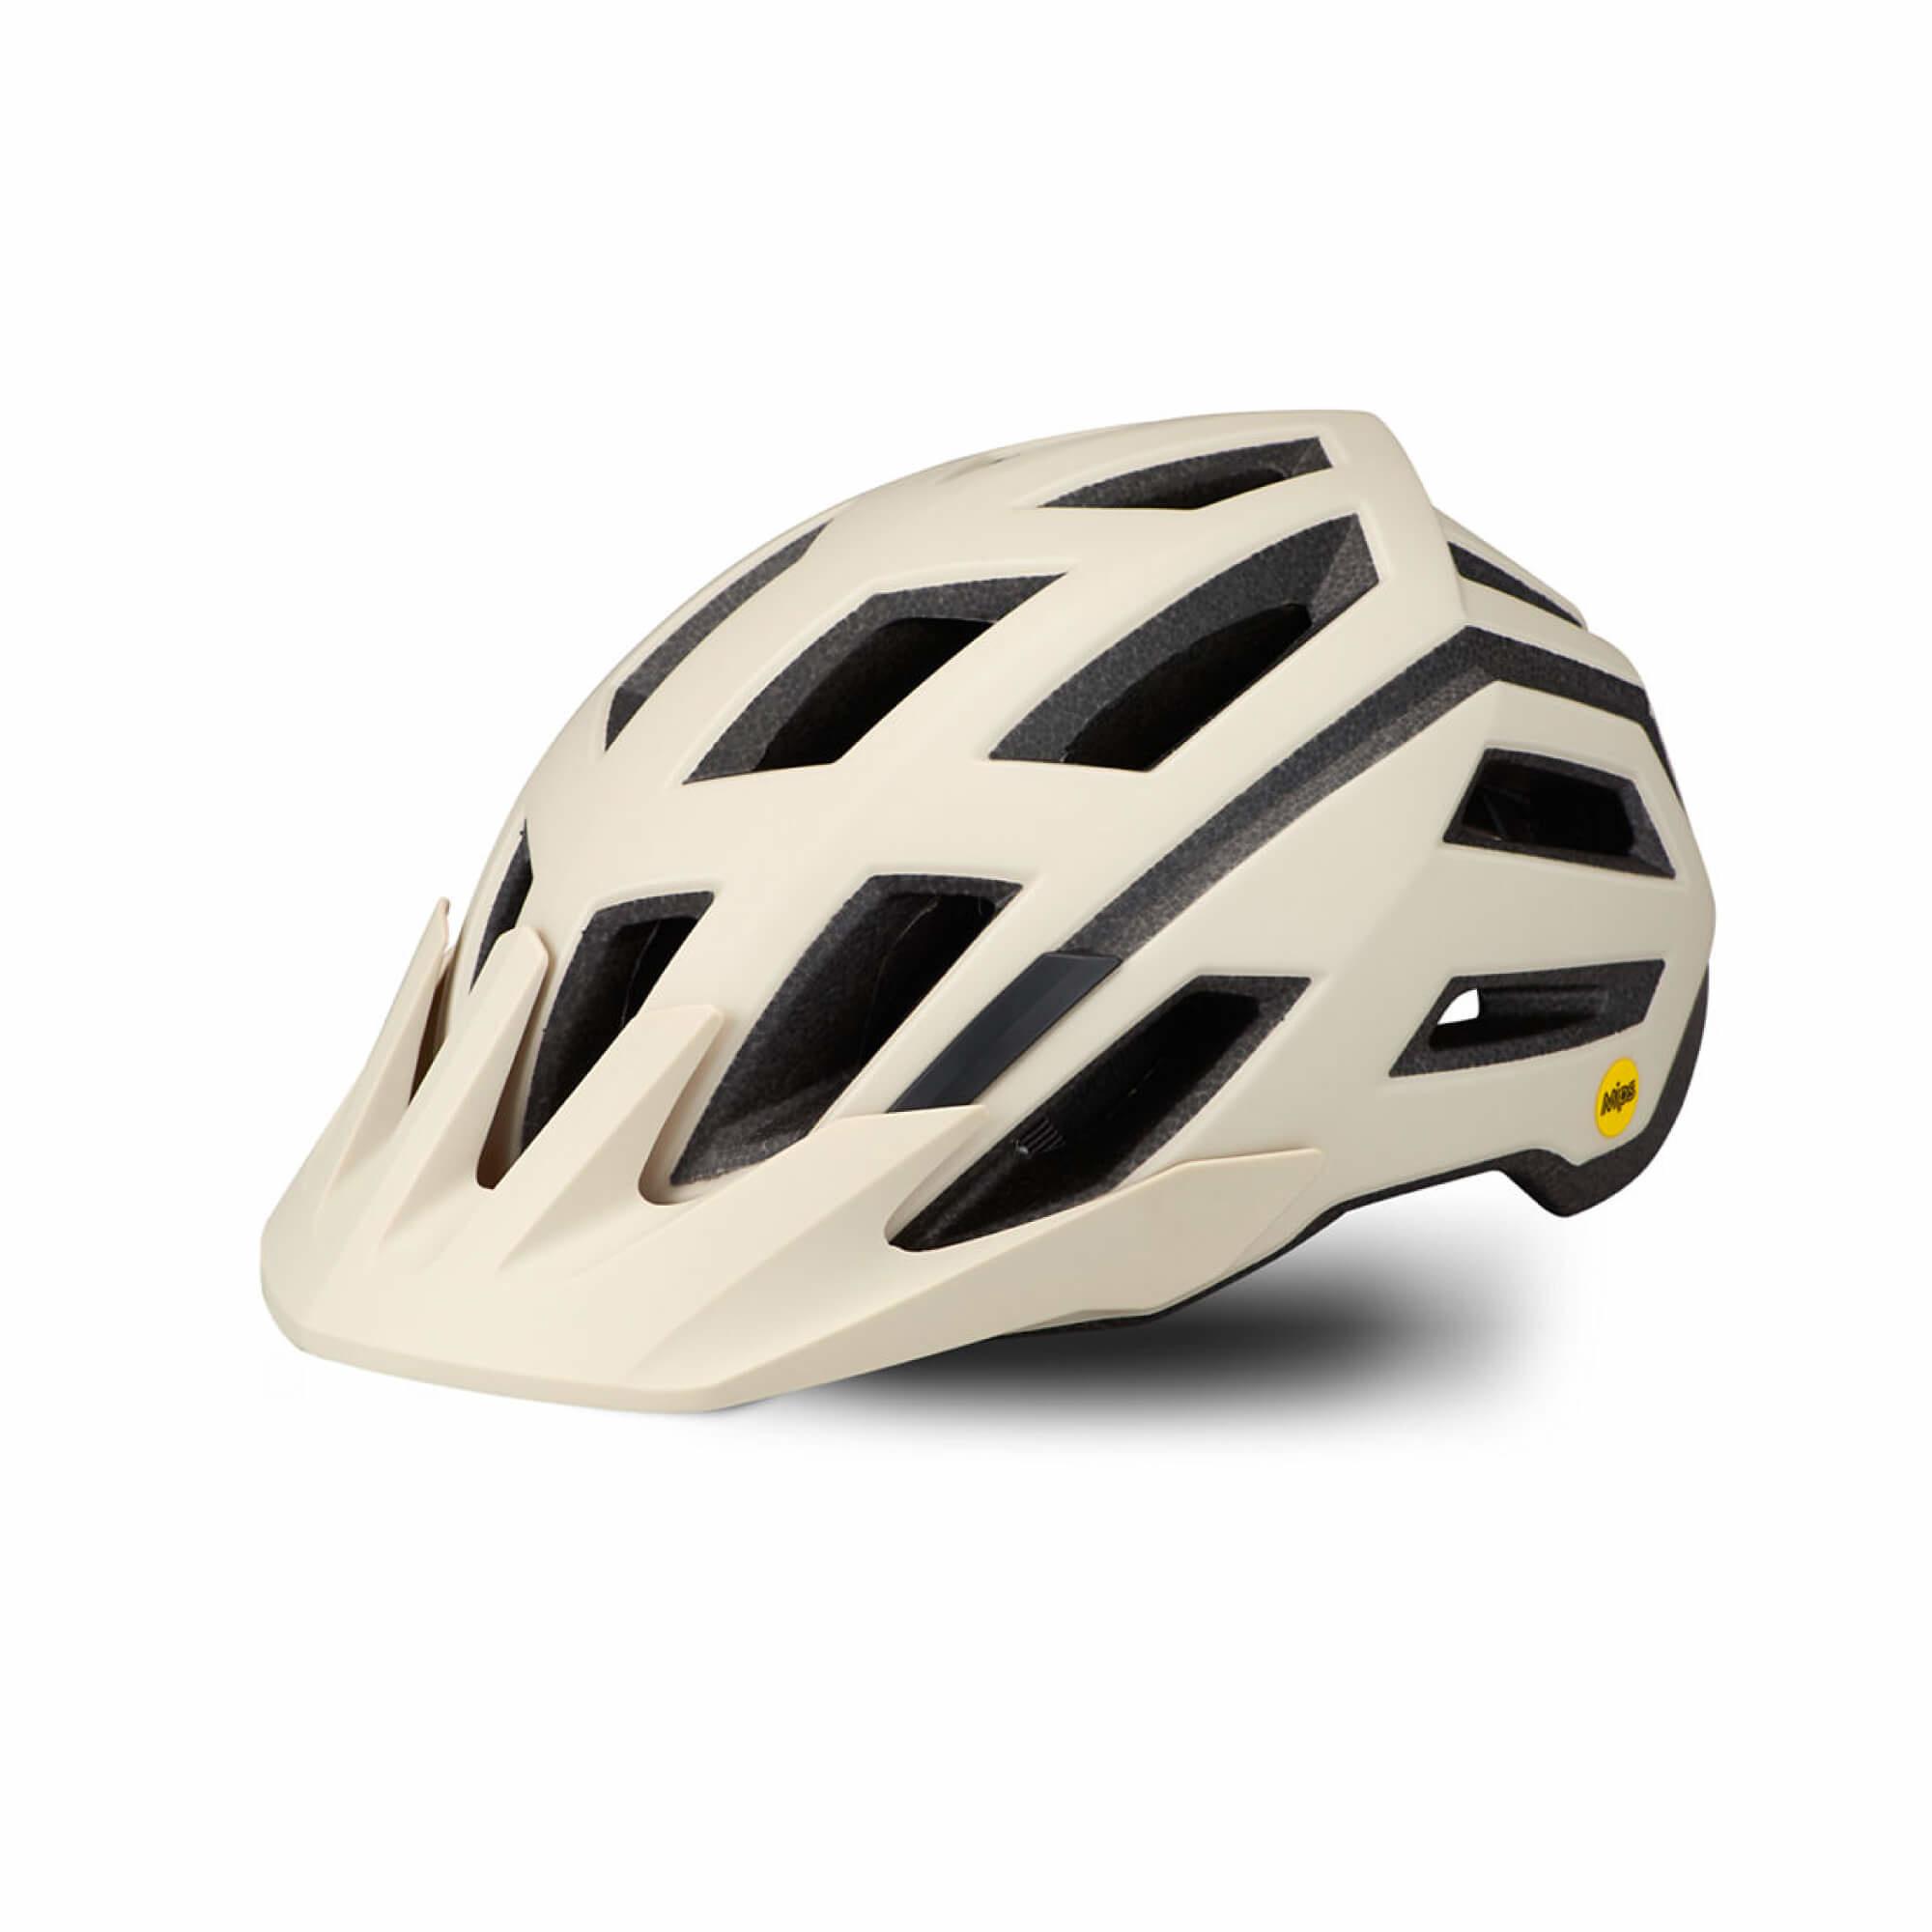 Tactic 3 Helmet Mips-12